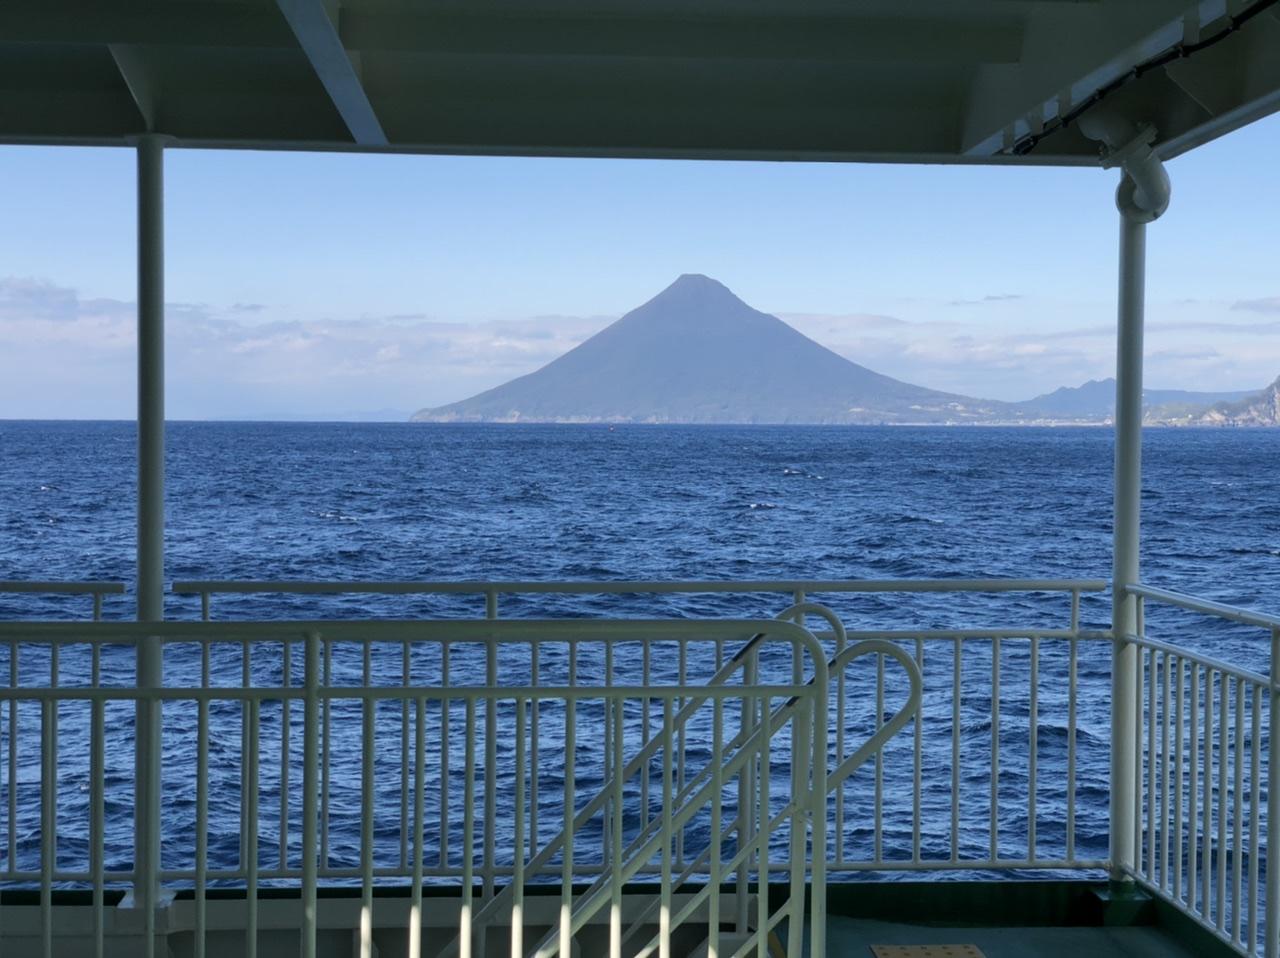 「今こそ鹿児島の旅事業(第2弾)」(県内観光促進緊急対策事業)再開! イメージ画像